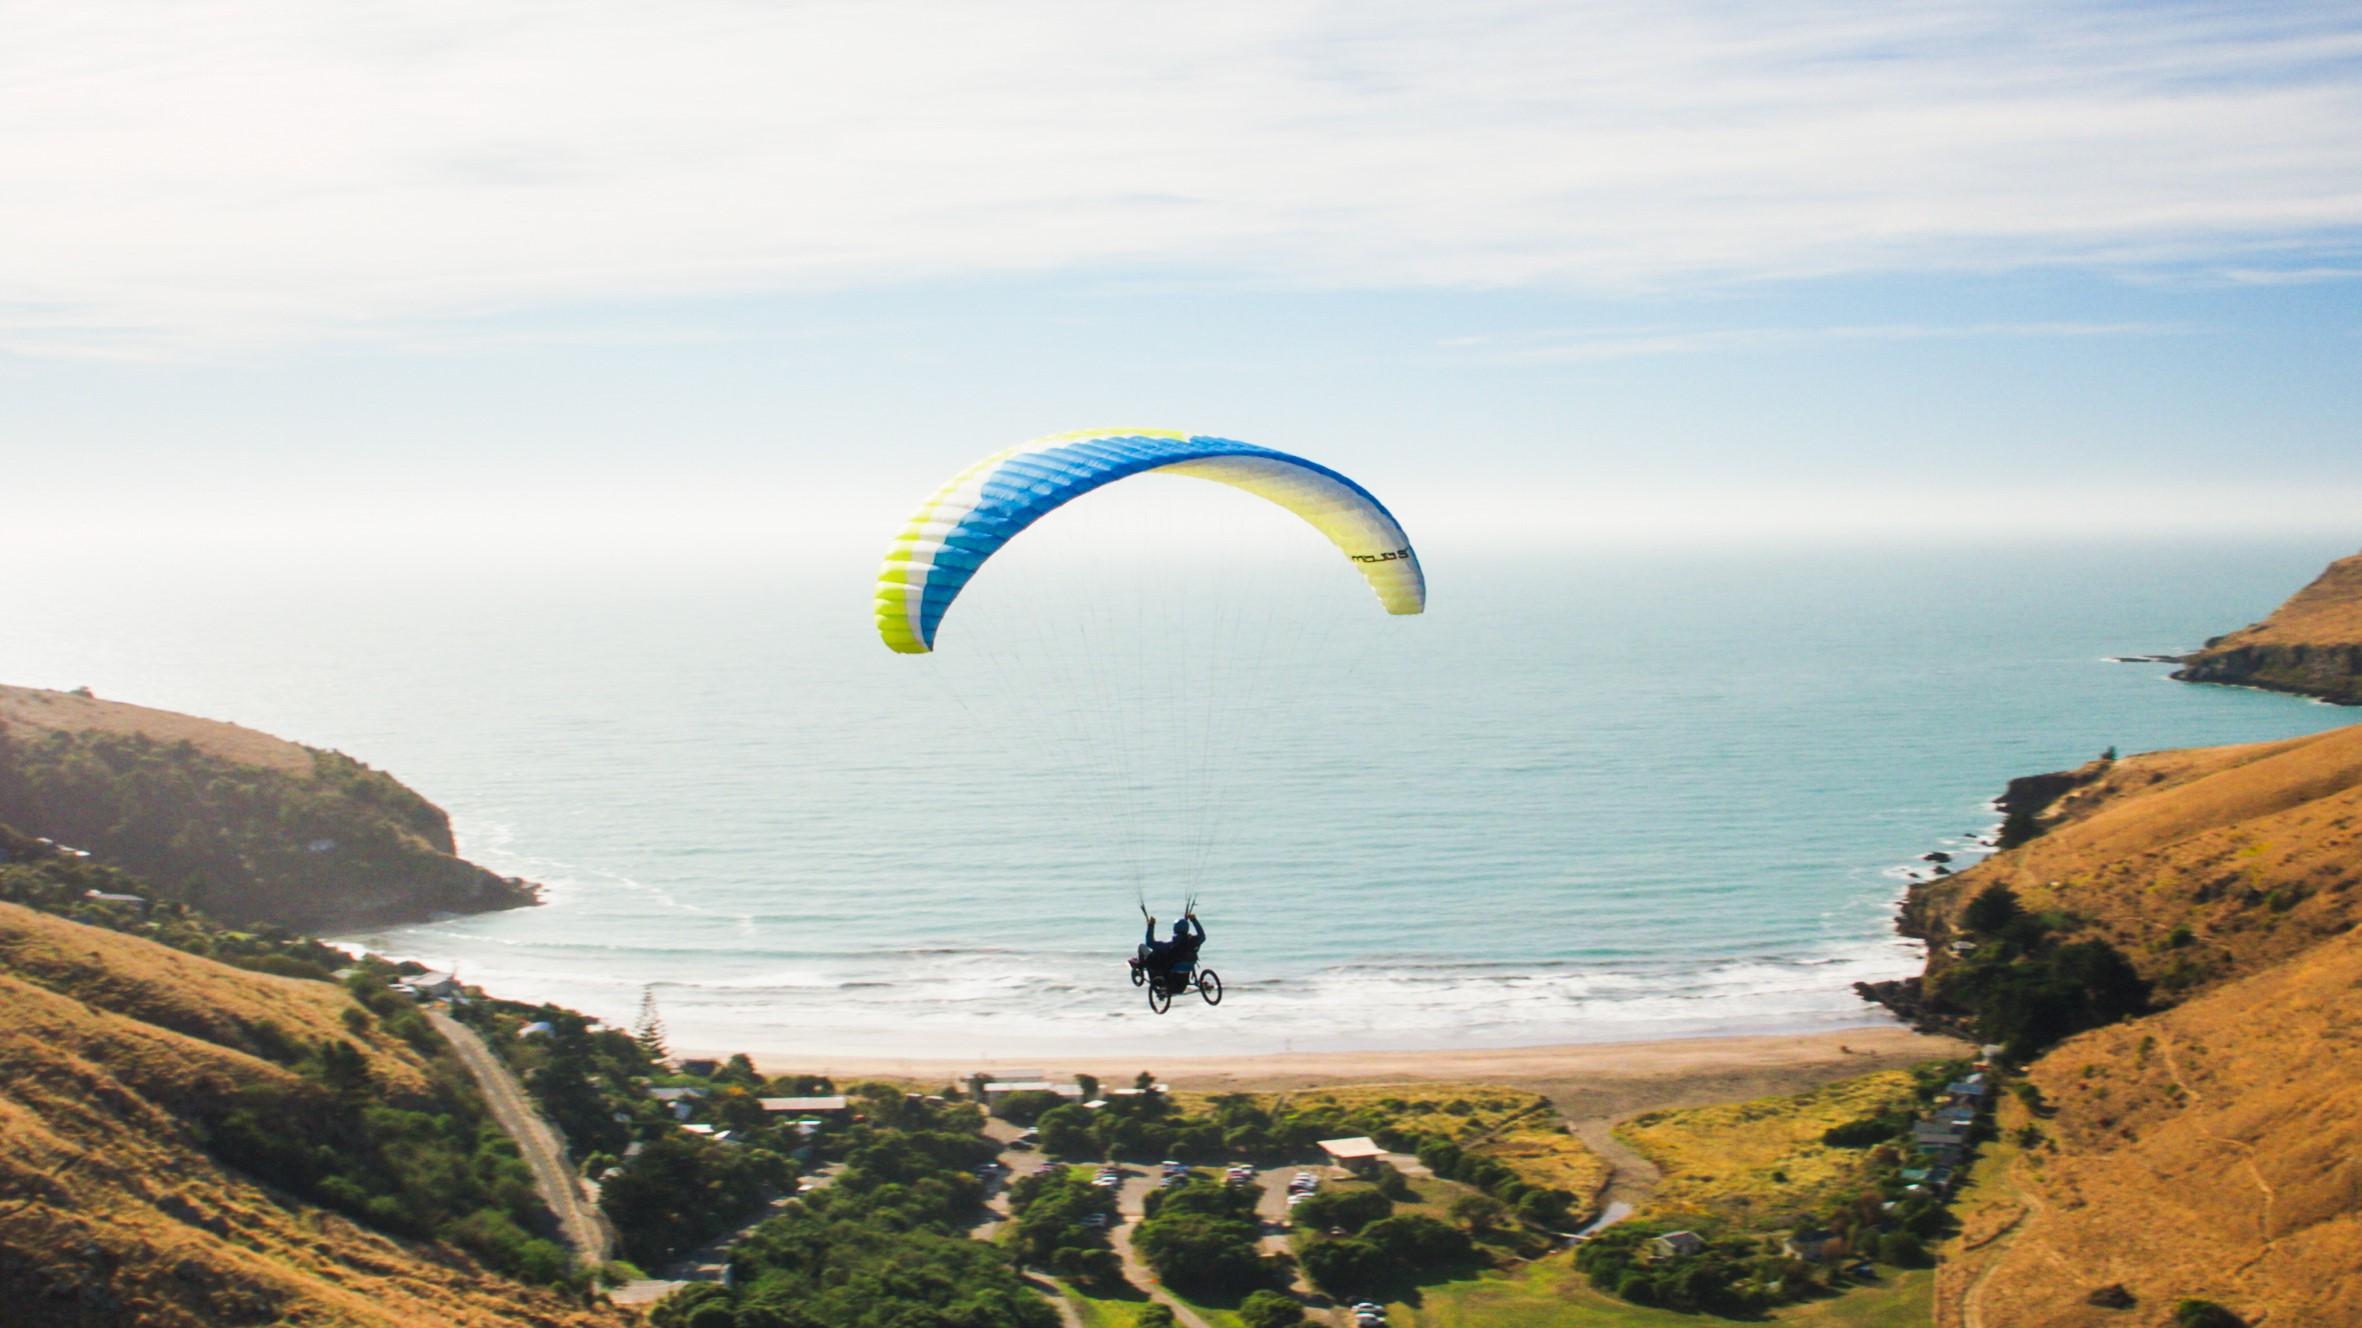 Image: Jezza Williams paragliding!